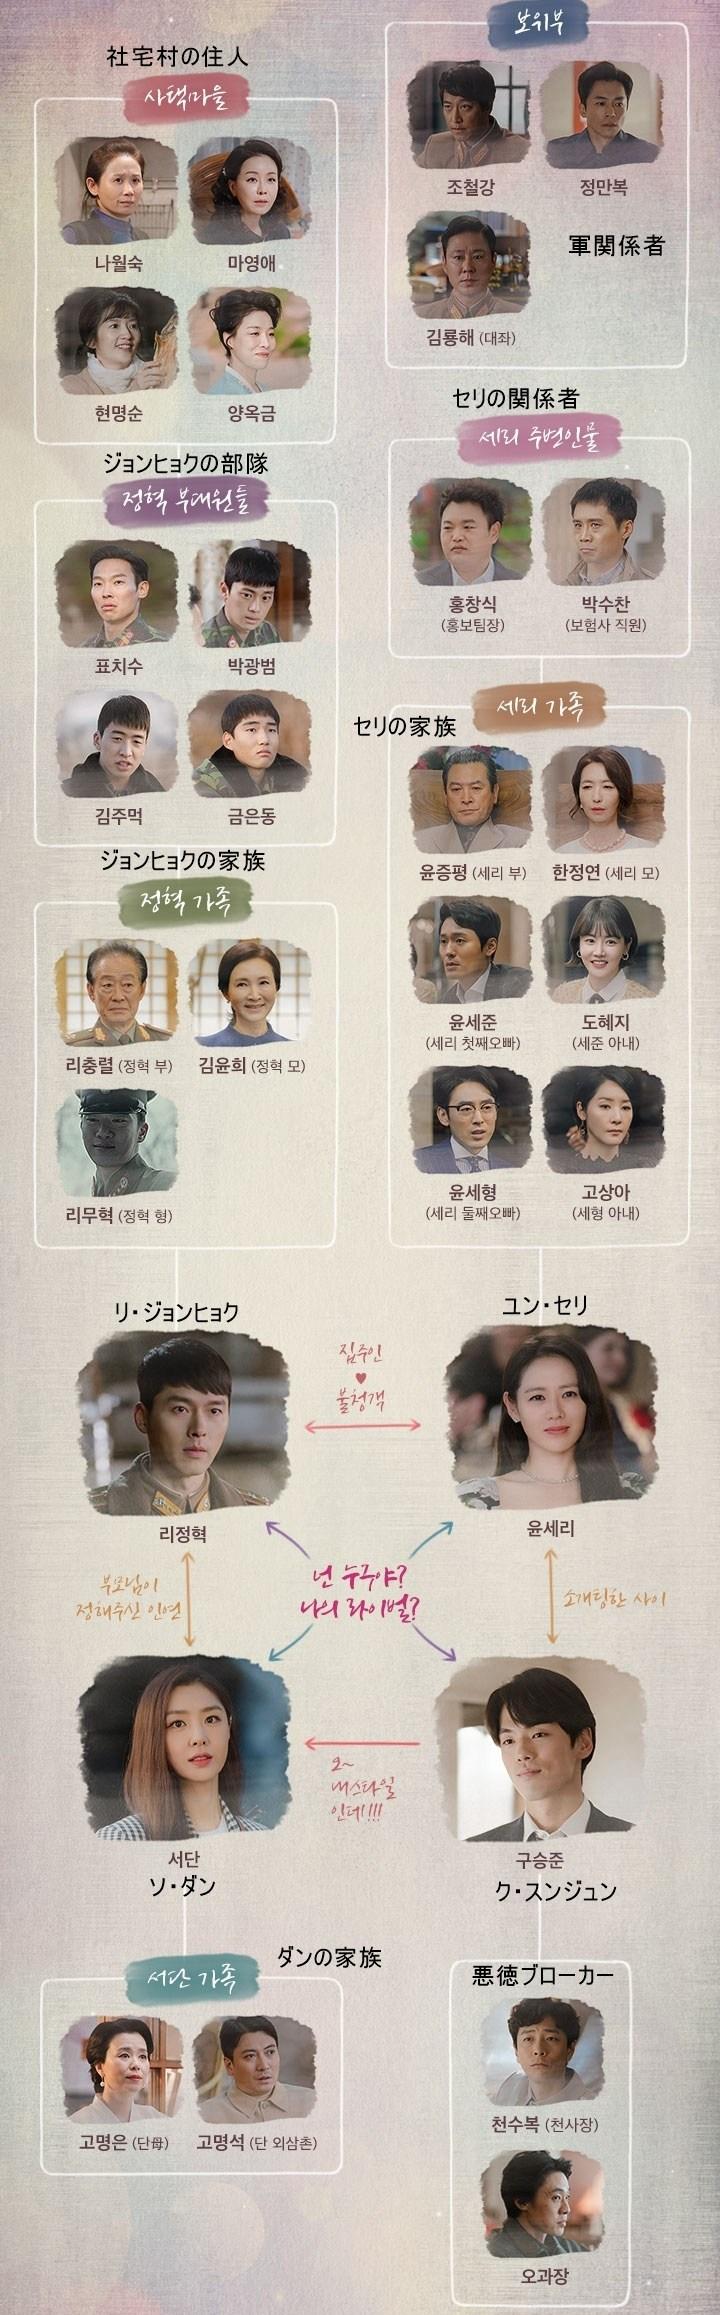 韓国ドラマ『梨泰院クラス』登場人物相関図(関係図)